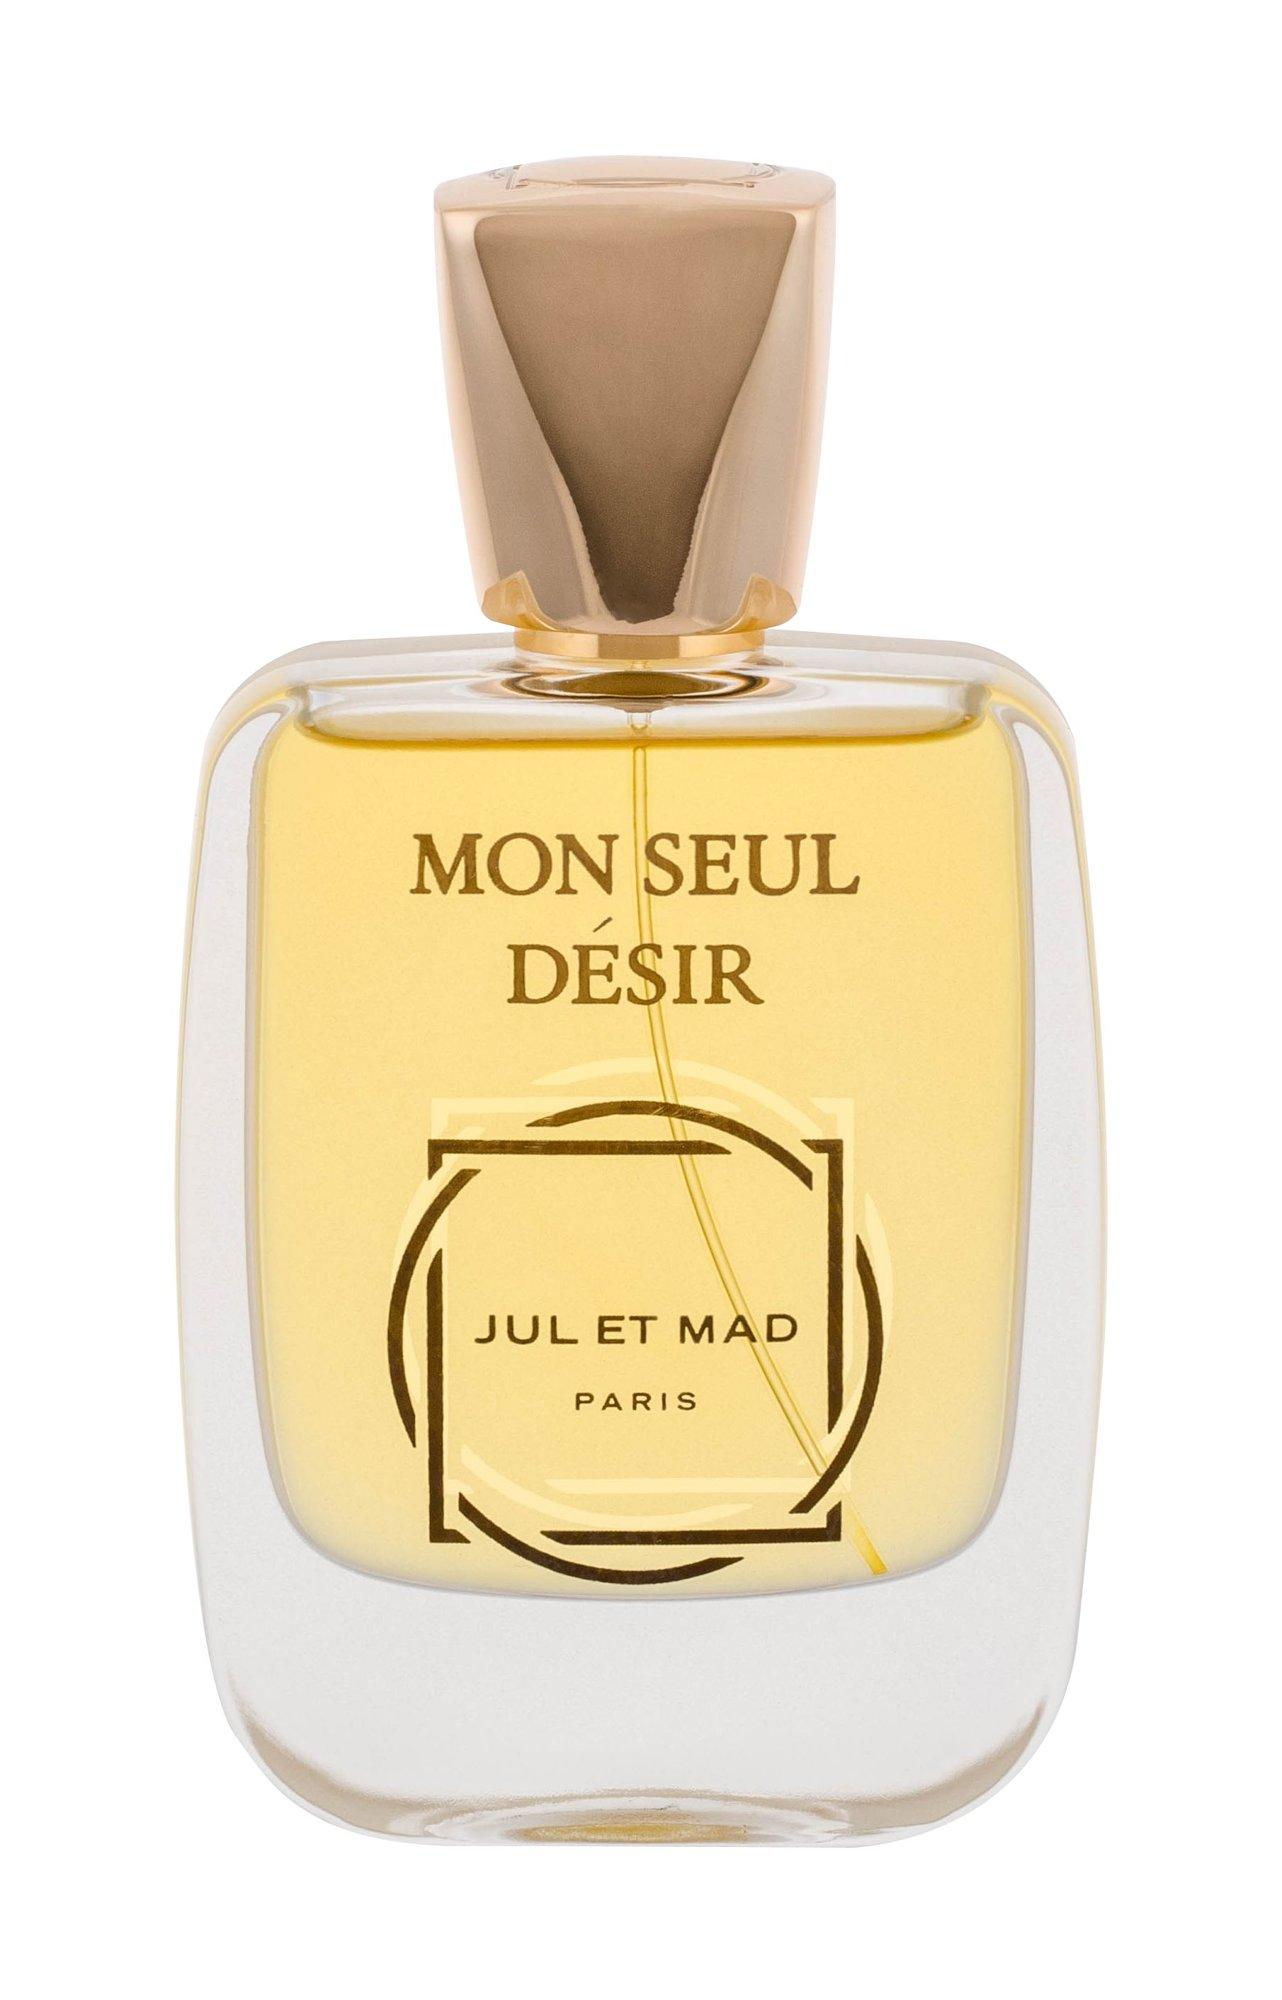 Jul et Mad Paris Mon Seul Desir